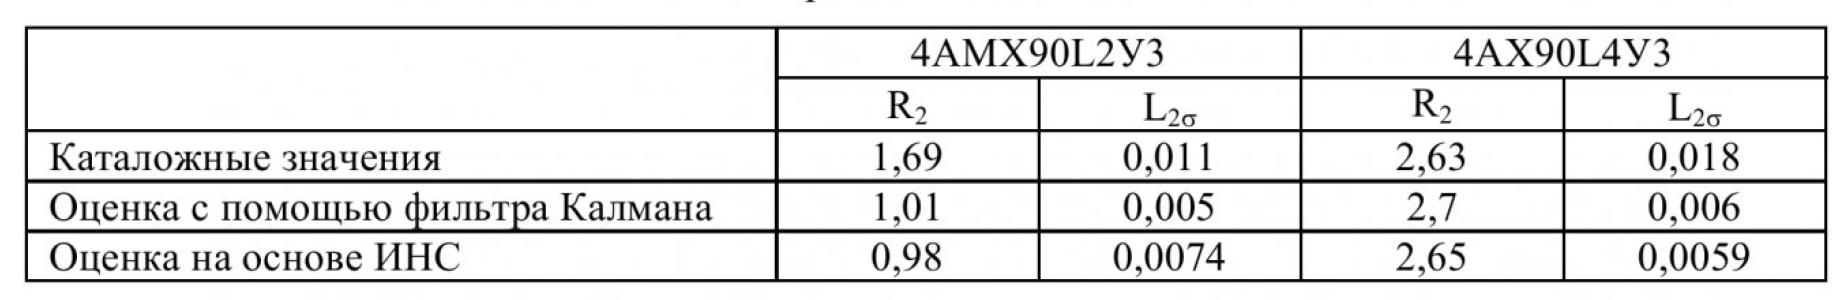 Динамическая идентификация параметров ротора асинхронного электродвигателя с помощью искусственной нейронной сети 4